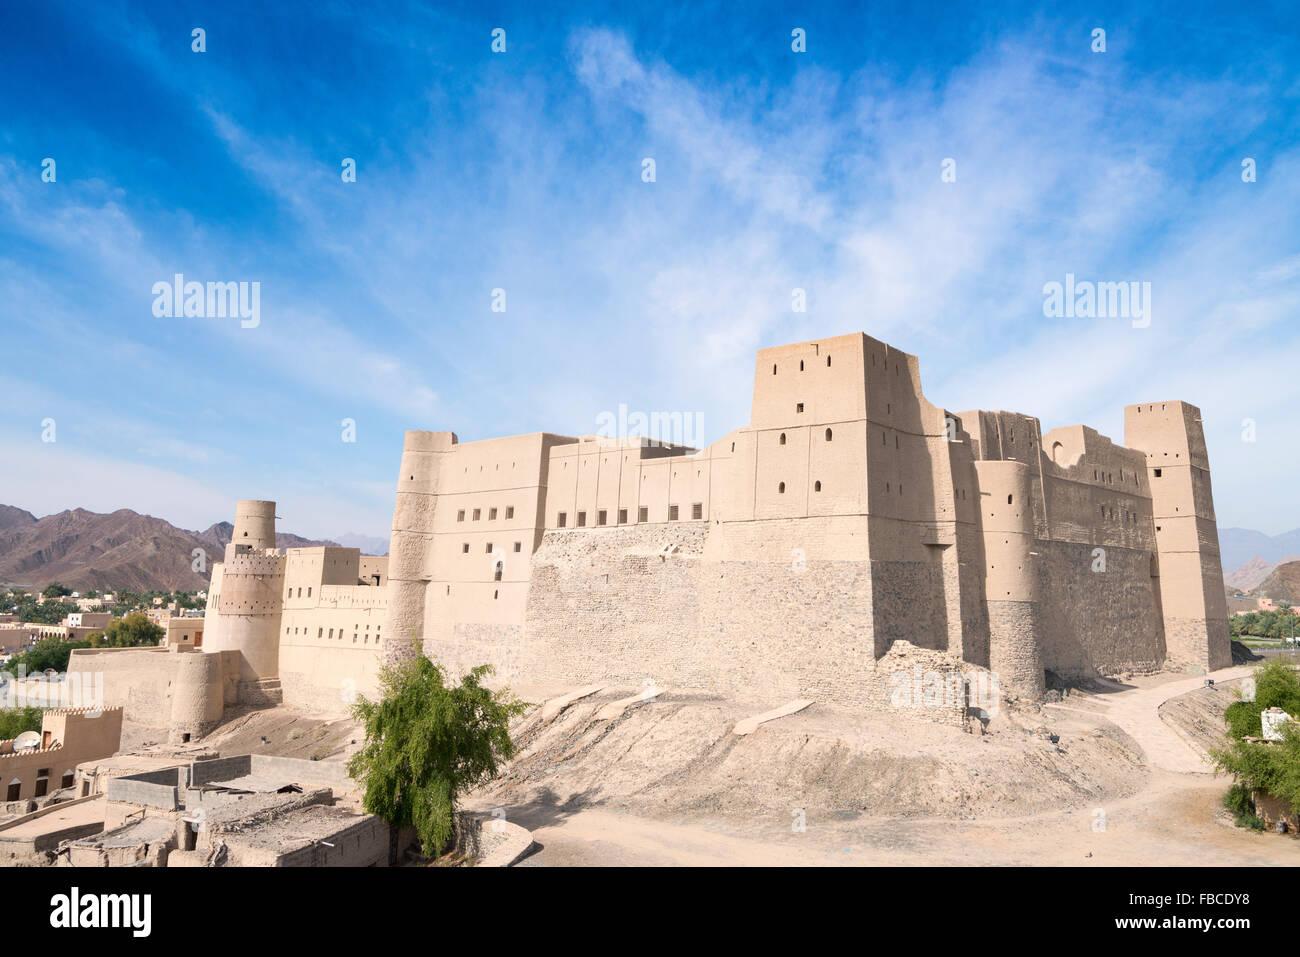 Vue extérieure du Fort de Bahla Oman en site du patrimoine mondial de l'UNESCO Photo Stock